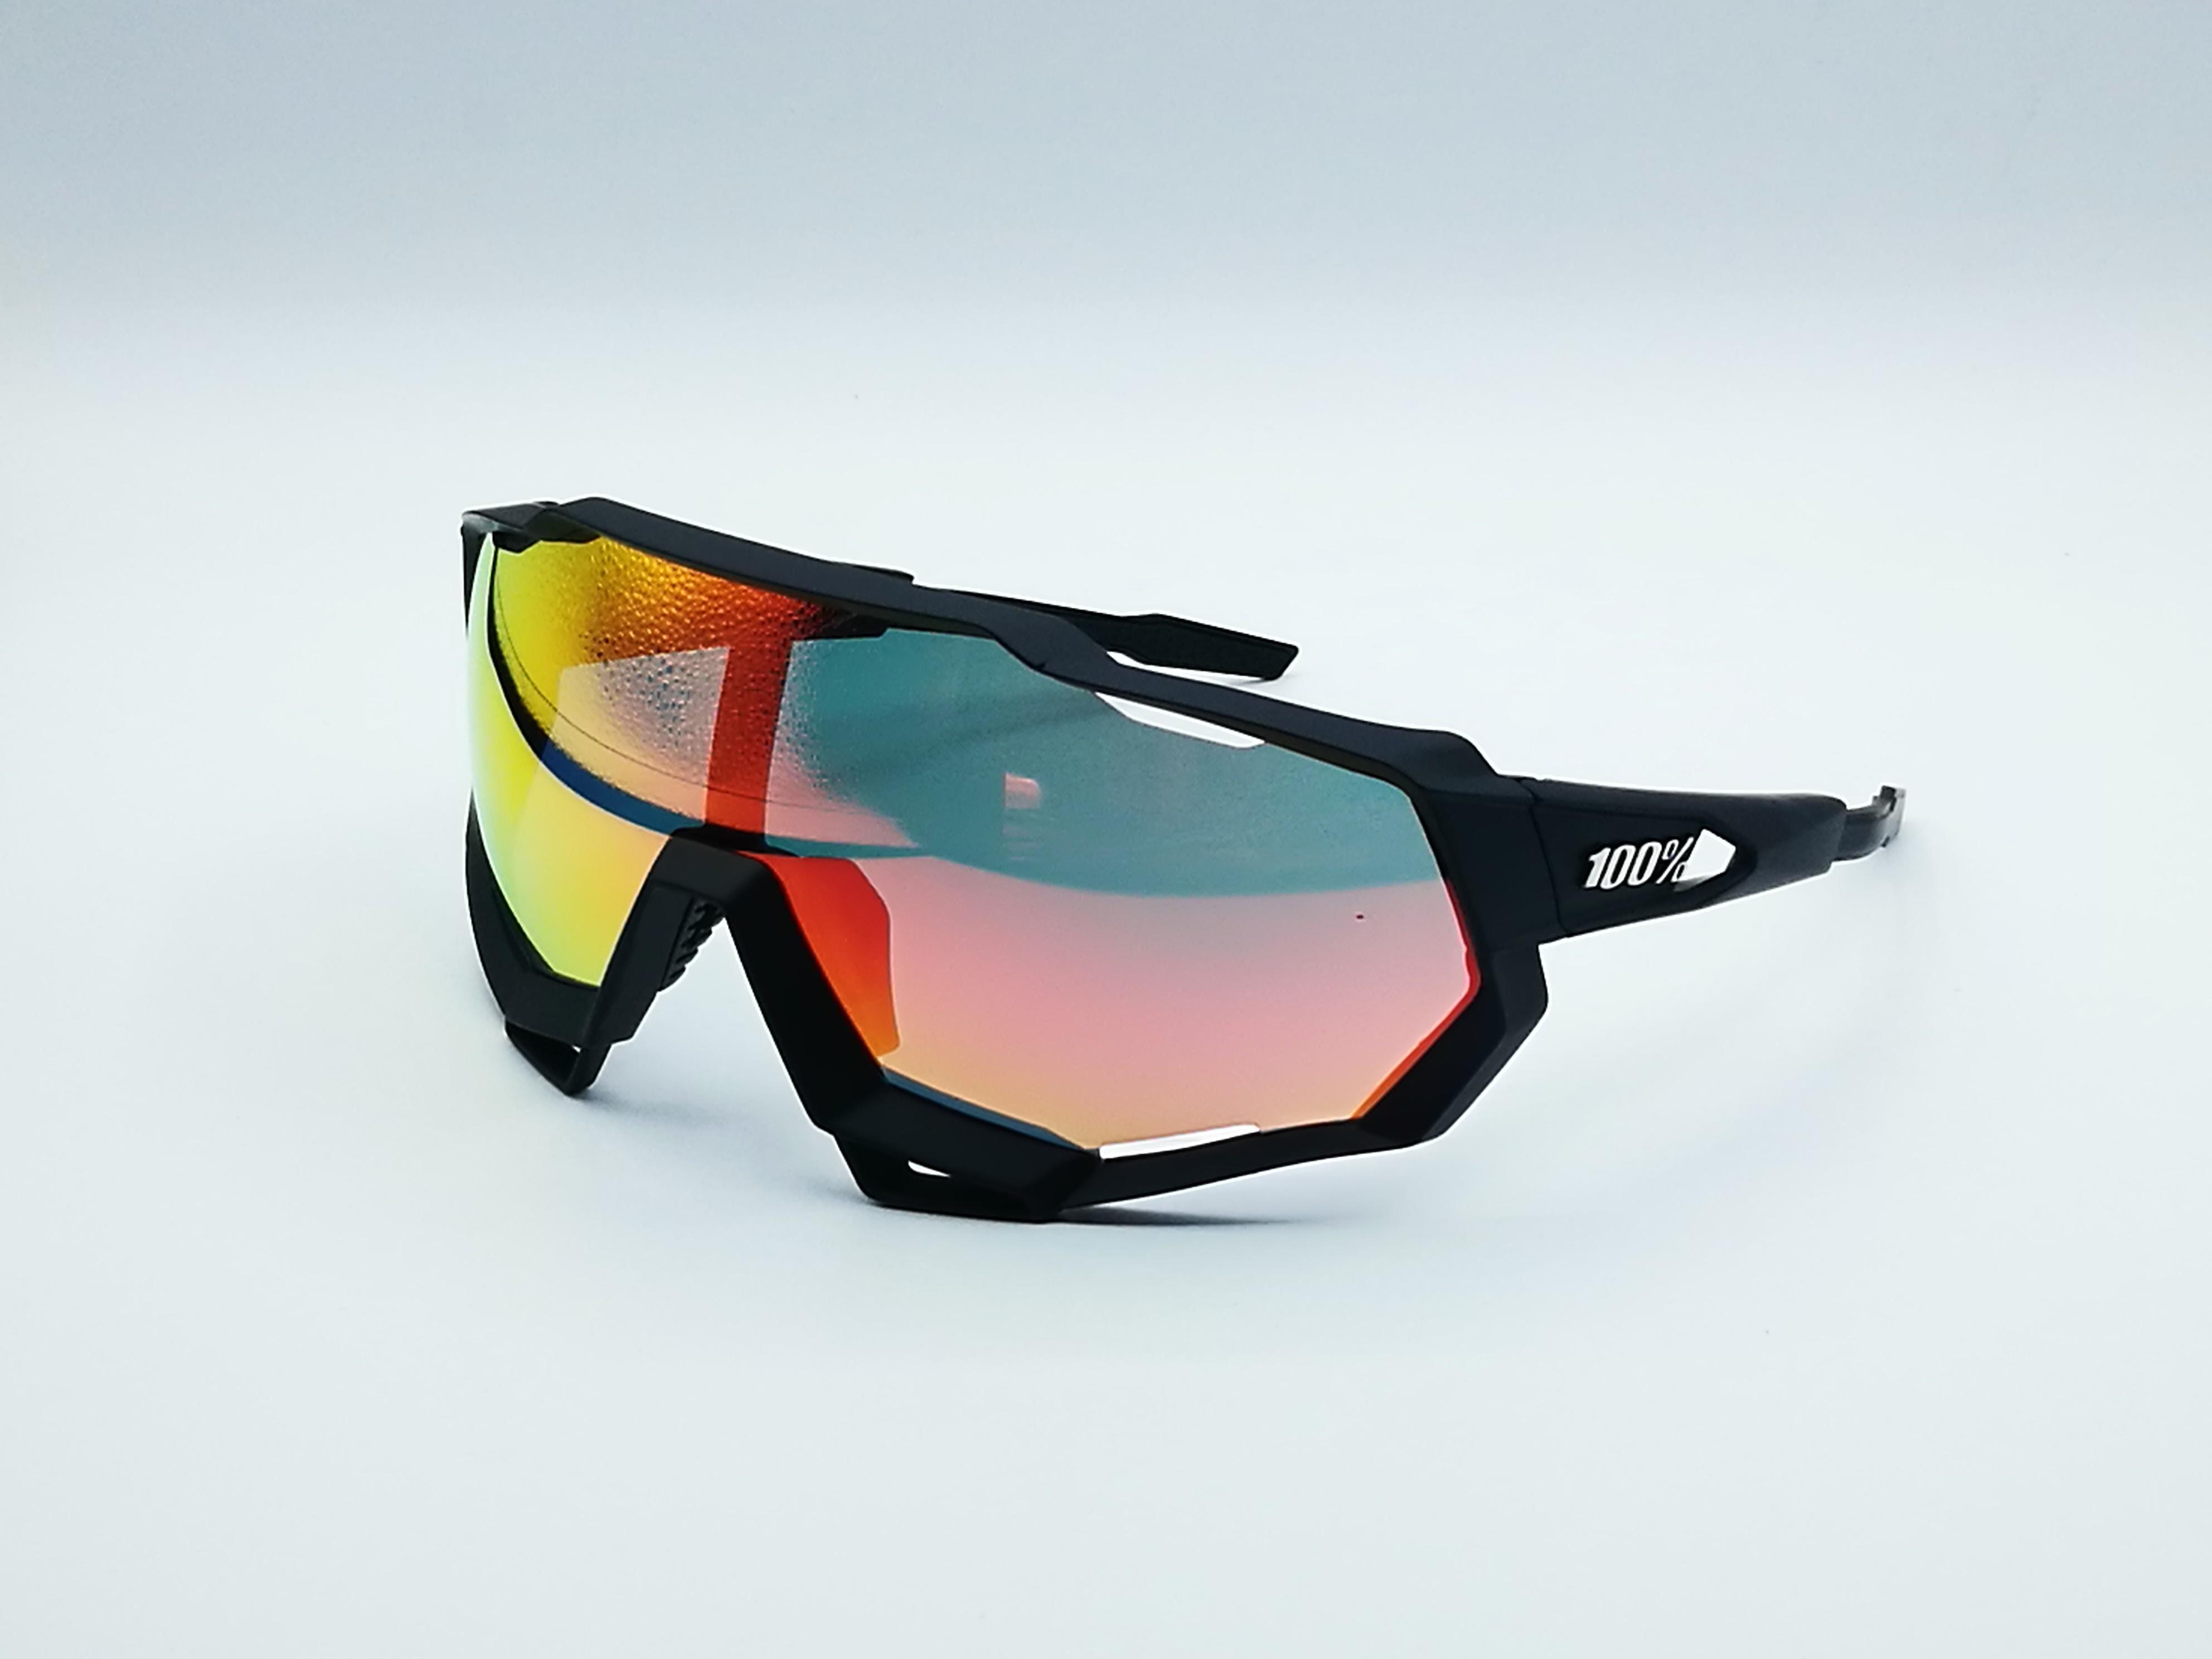 แว่นตาปั่นจักรยาน 100% ทรง Speedtrap